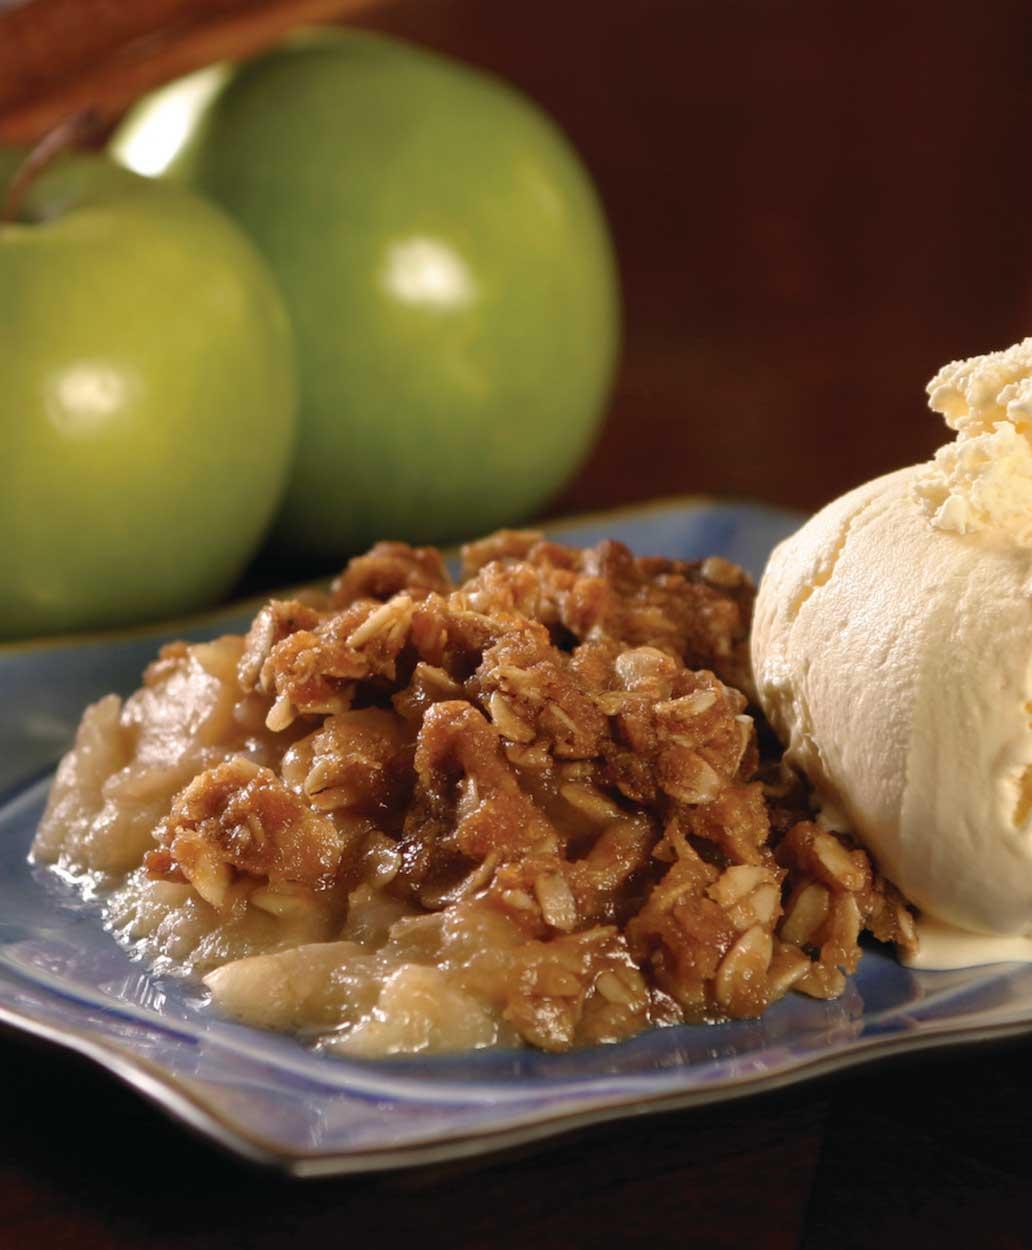 Apple-Oatmeal Crisp